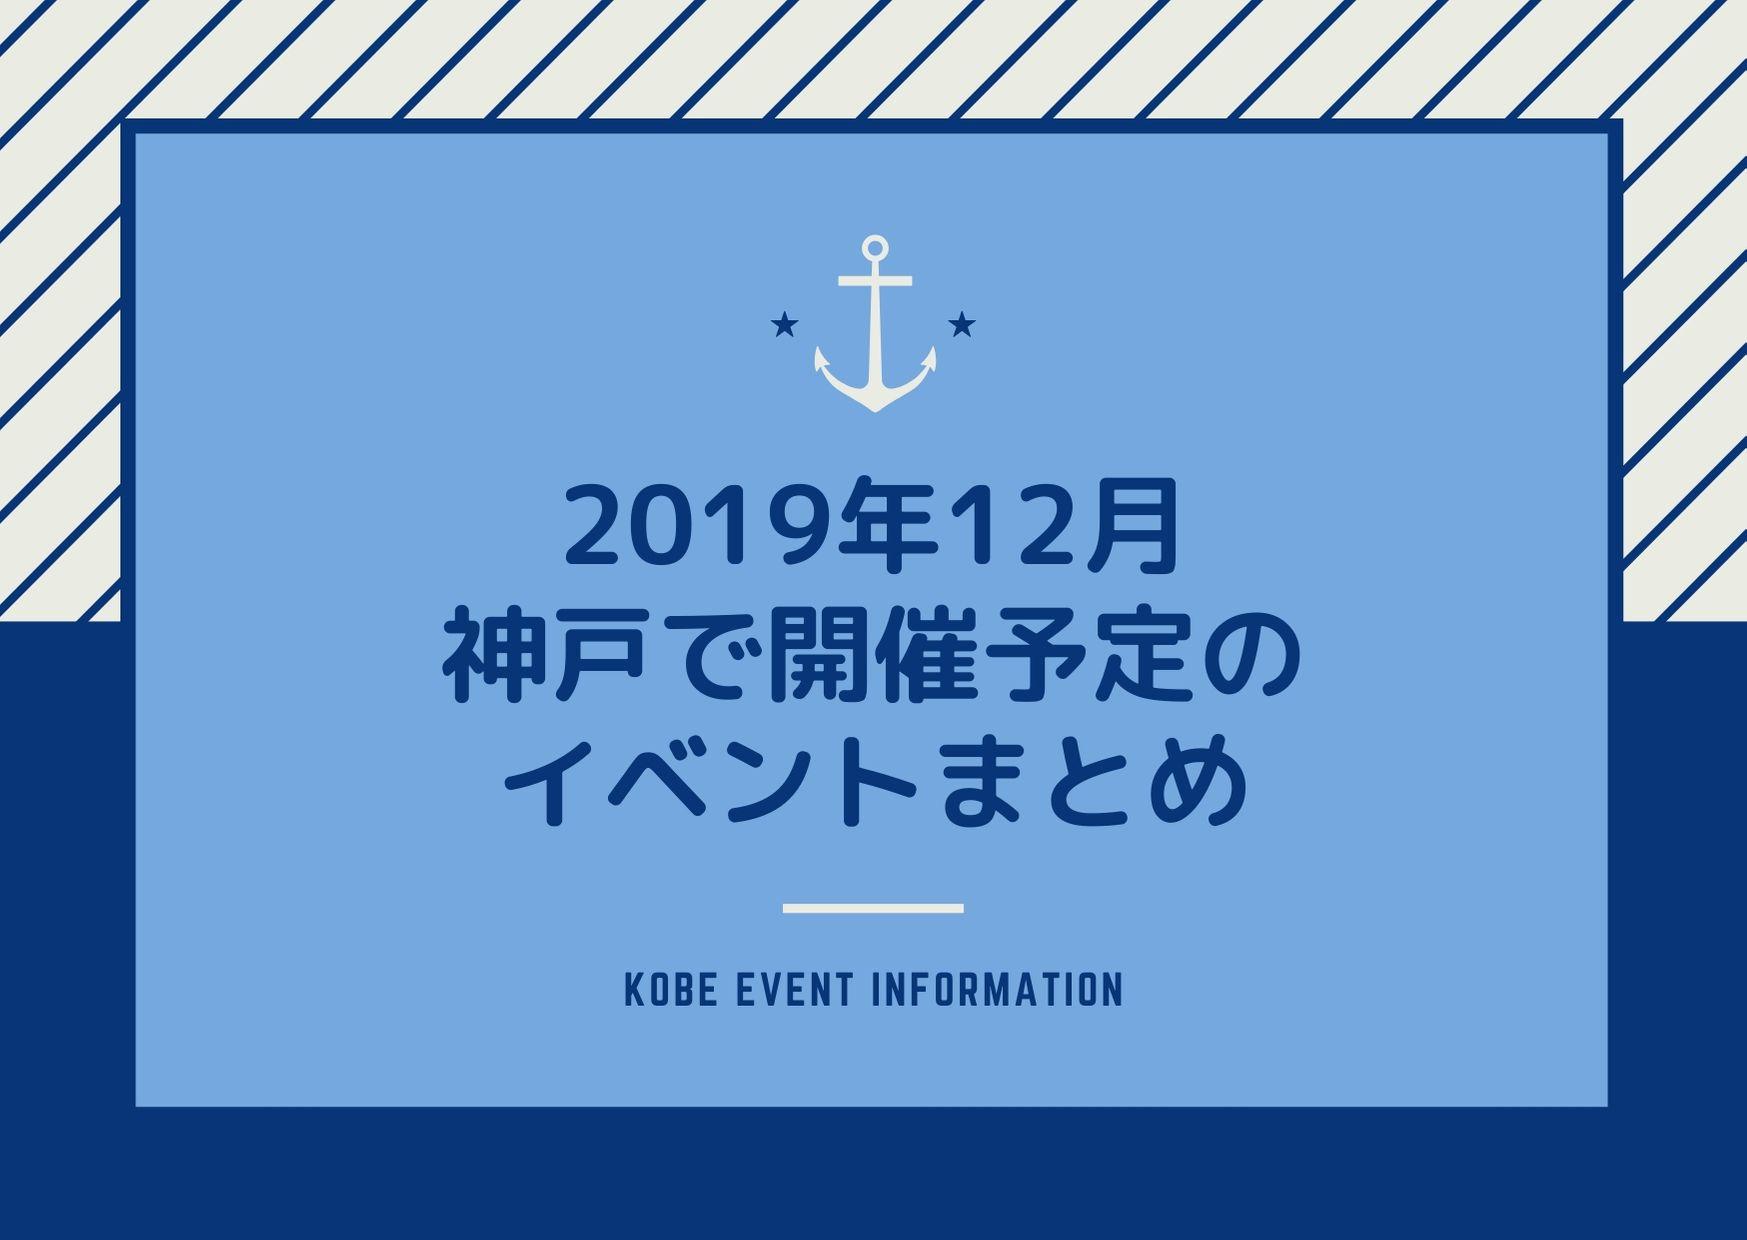 【2019年12月】神戸で開催されるイベント一覧✔️ライブ・スポーツ・美術館・博物館情報も